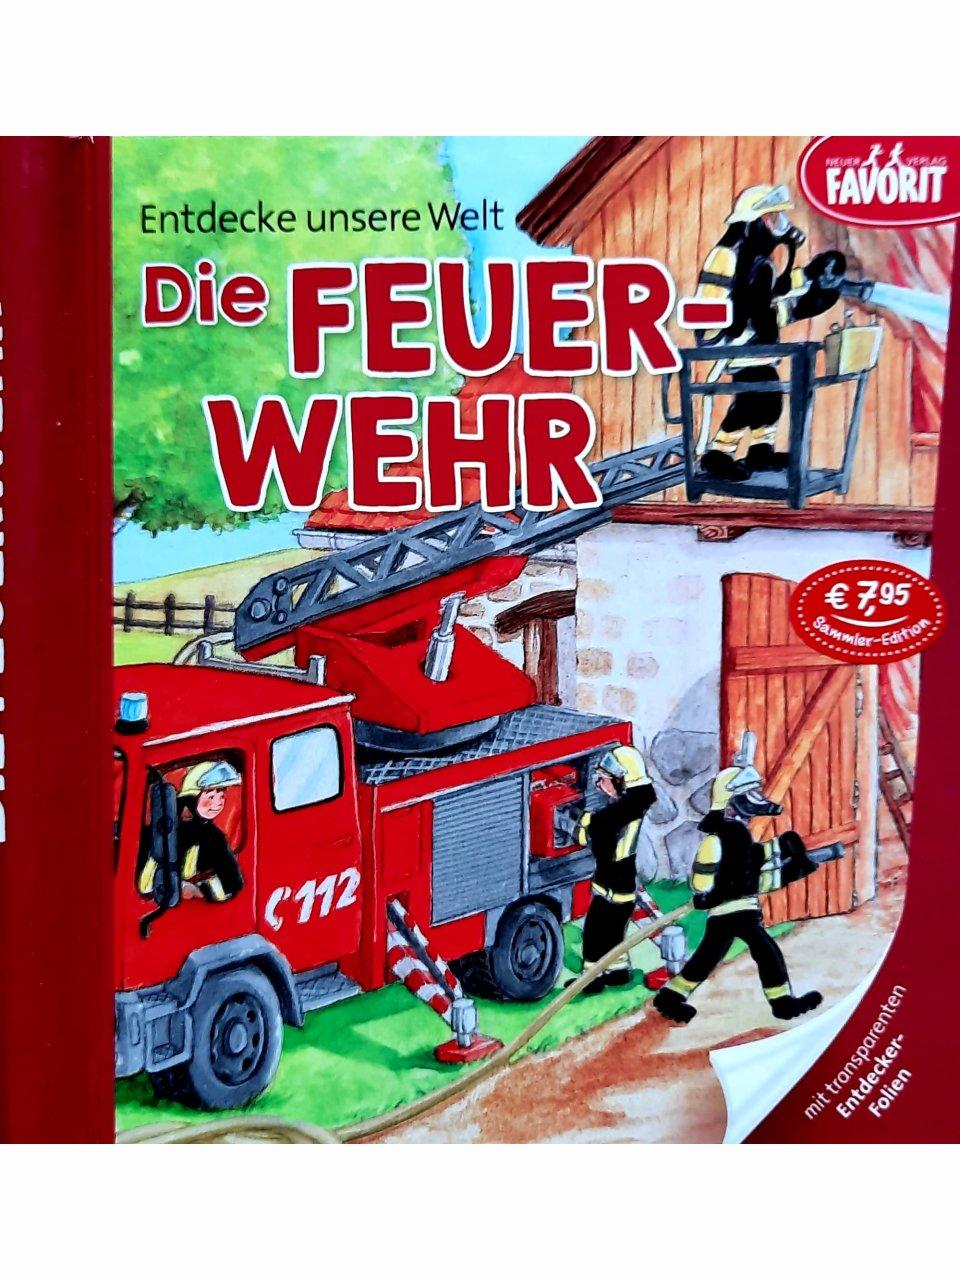 Entdecke unsere Welt - Die Feuerwehr